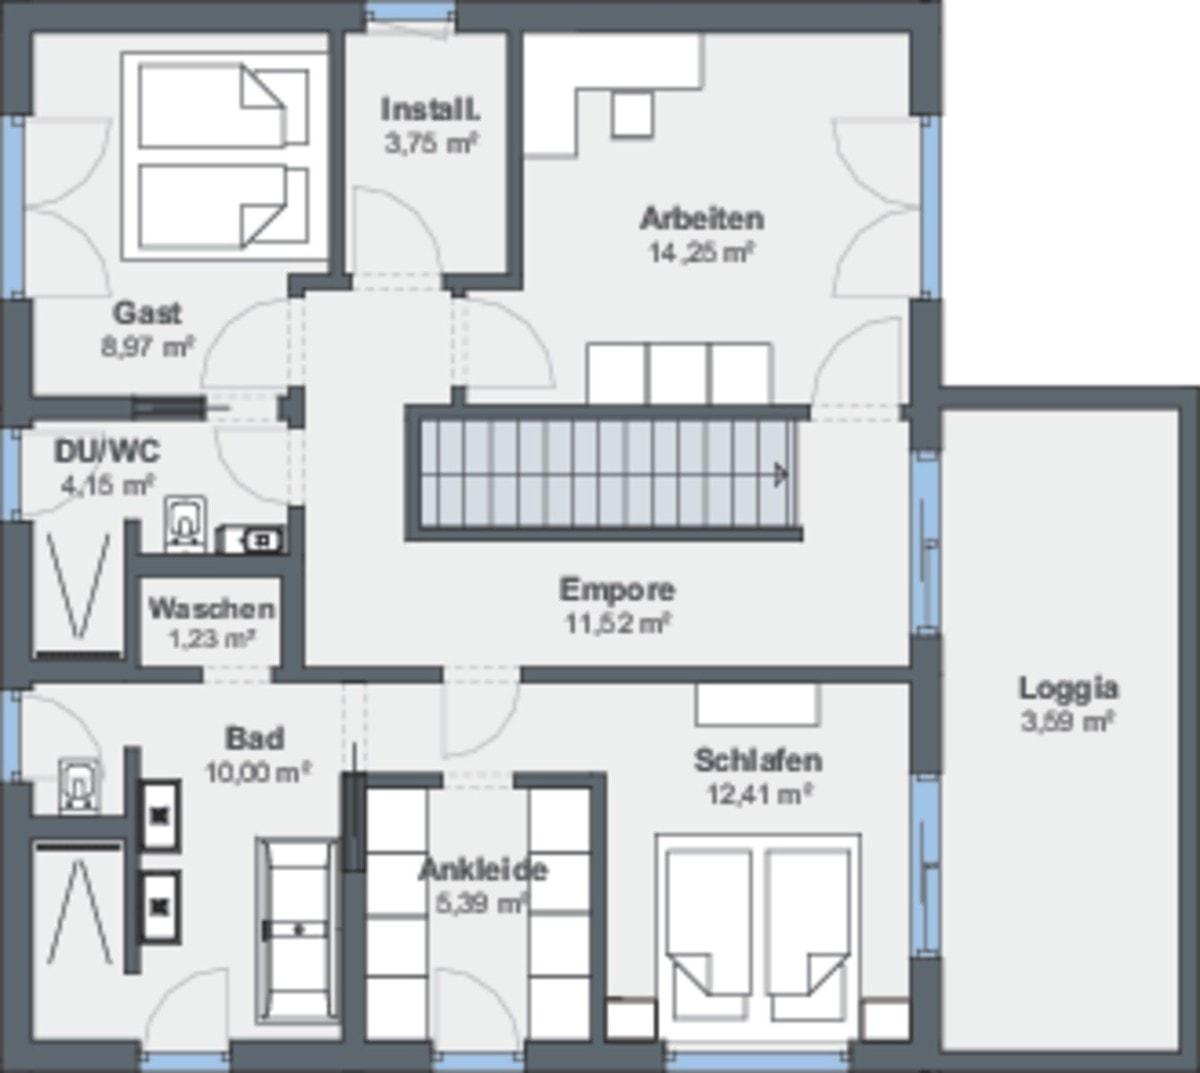 Einfamilienhaus Grundriss Obergeschoss Treppe gerade, Galerie & Pultdach - Fertighaus Design Ideen Modernes Pultdach Haus von WeberHaus - HausbauDirekt.de